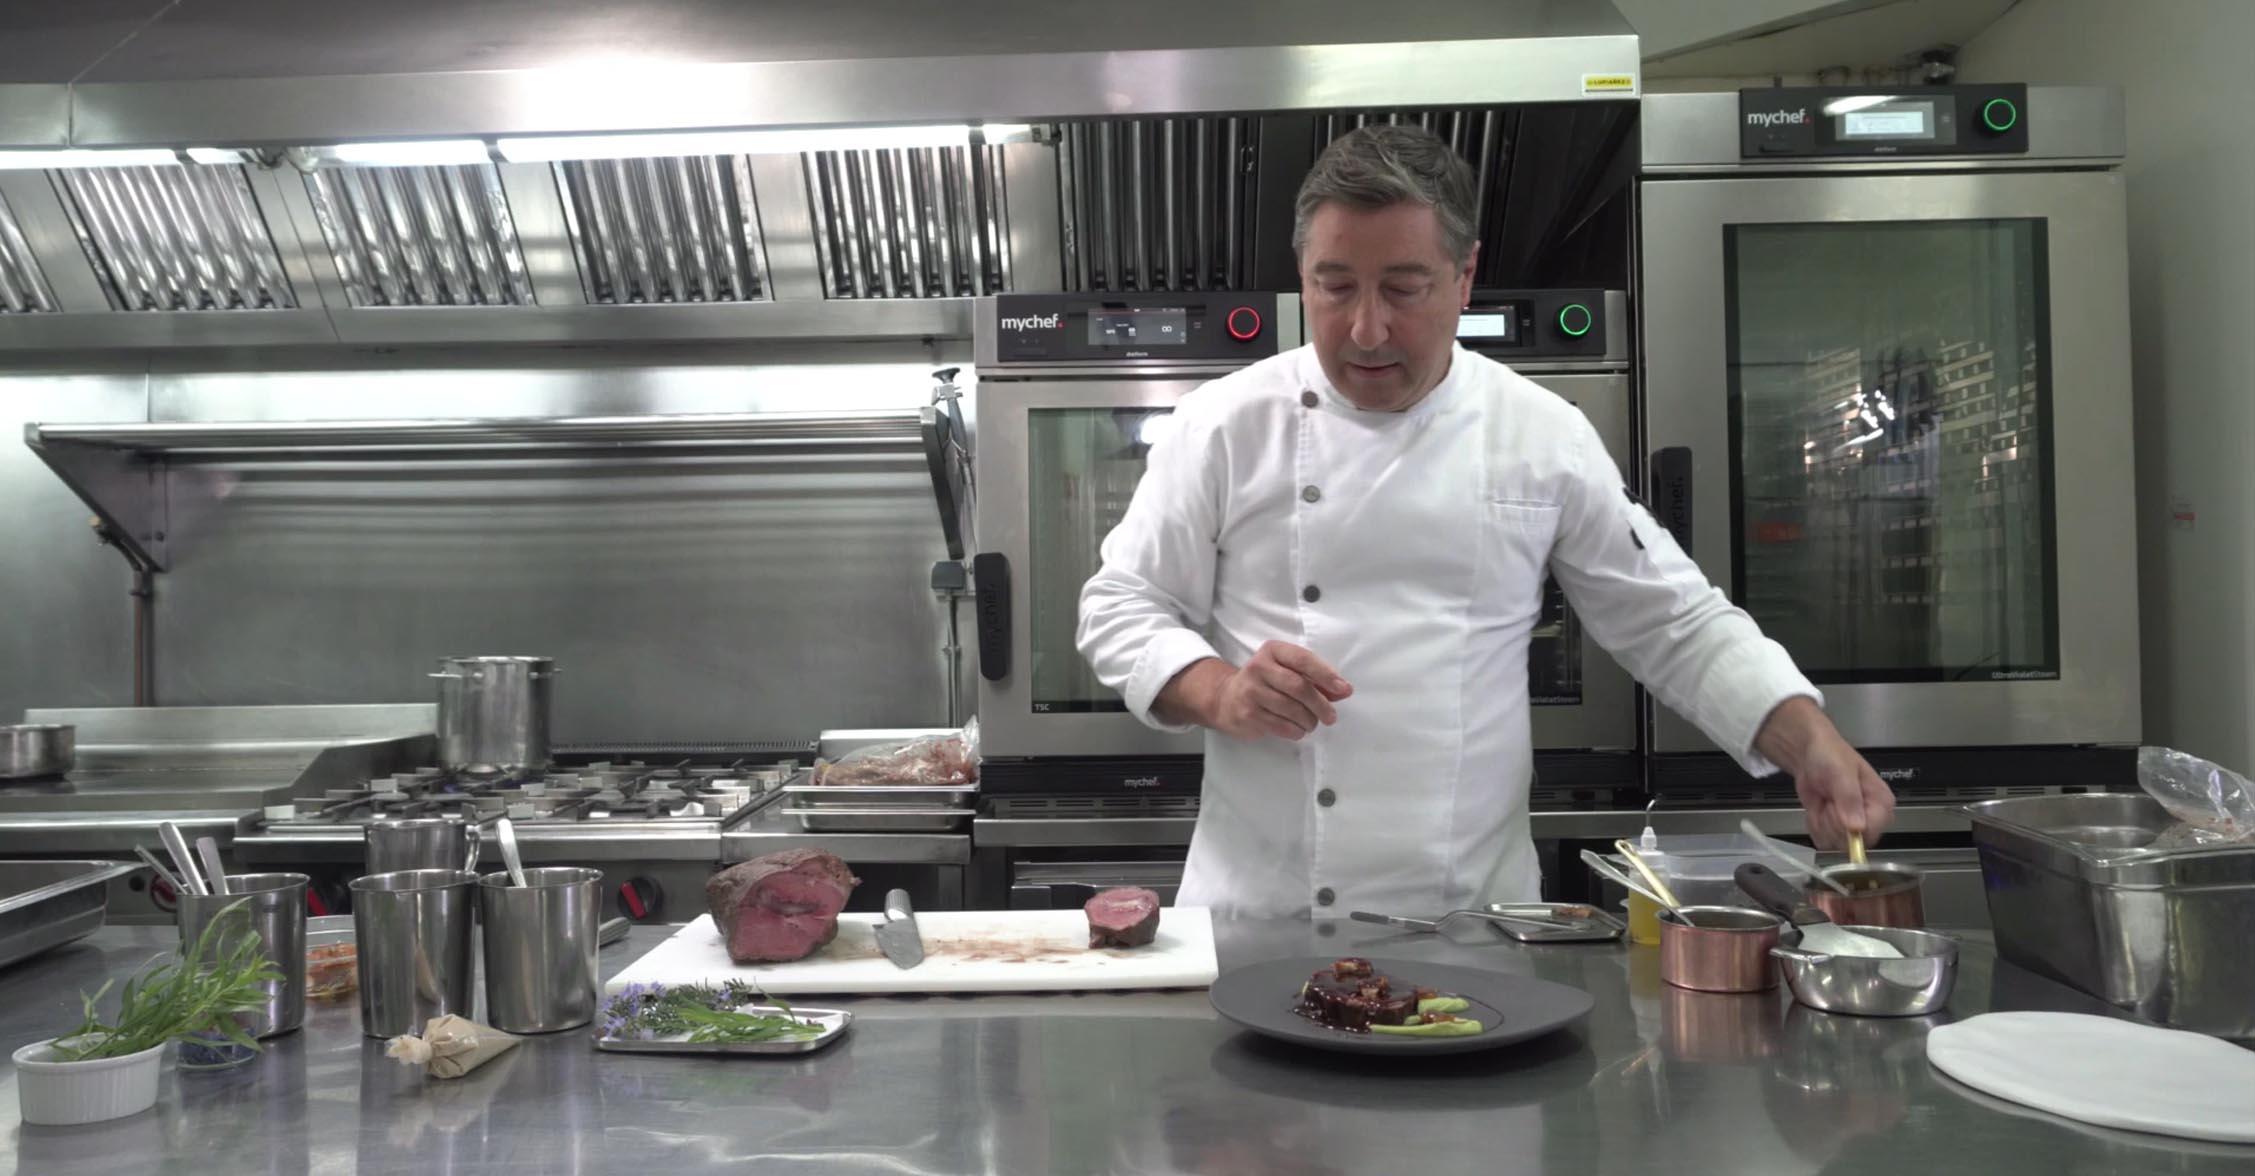 Mychef mychef Distform Roca cocina <span>Historia de éxito de</span> <br>JOAN ROCA  Mychef   mychef Distform Roca cocina